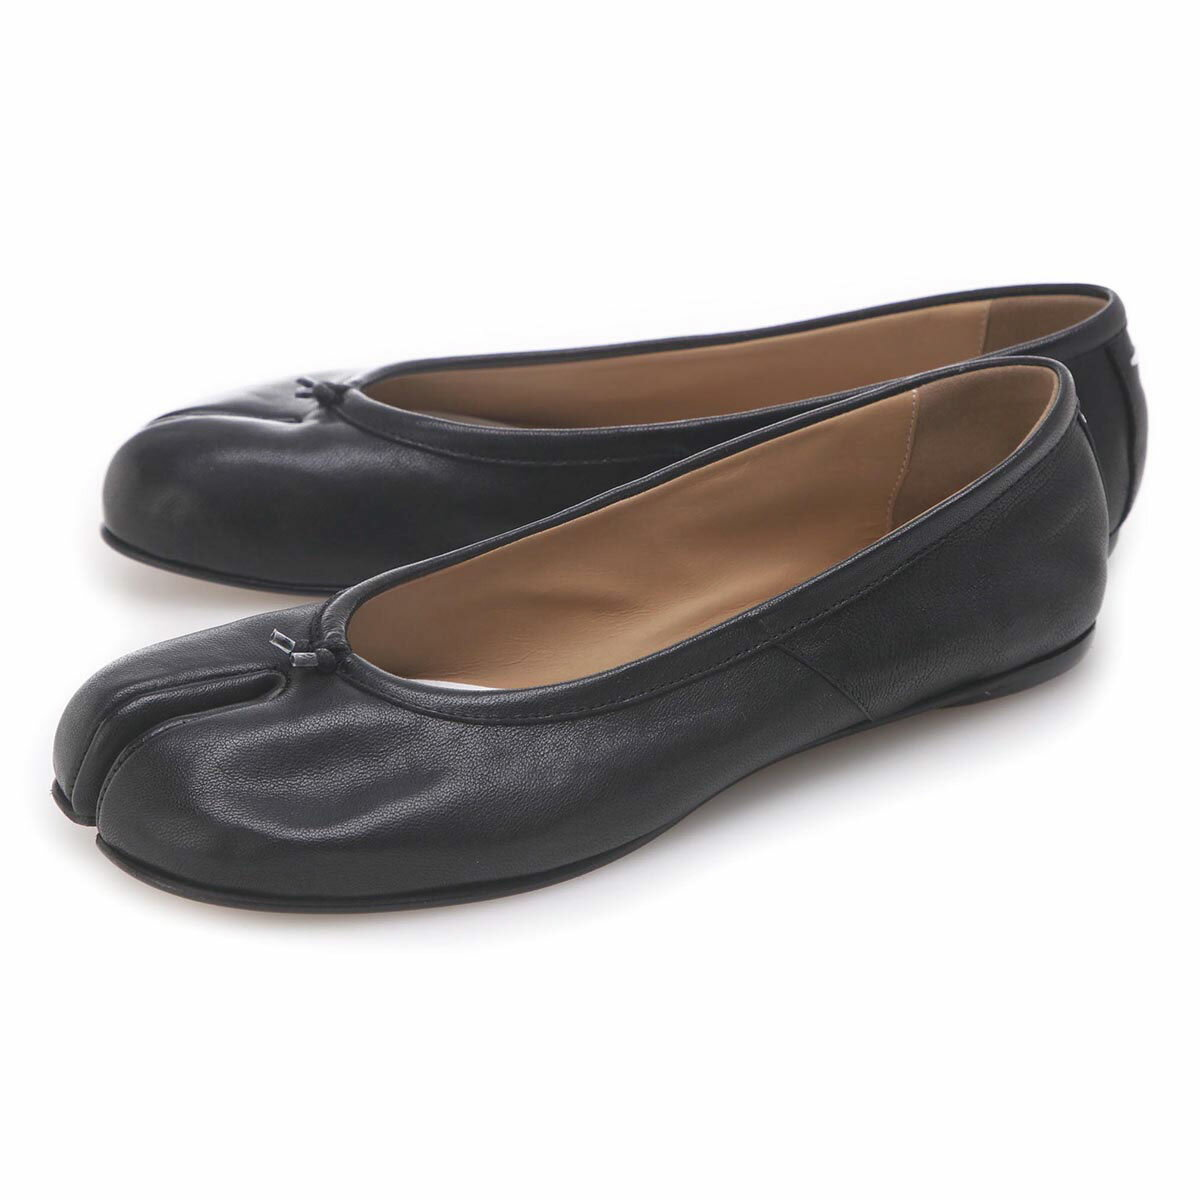 レディース靴, パンプス  Maison Margiela s58wz0042 p3753 t8013 TABI 2021SS